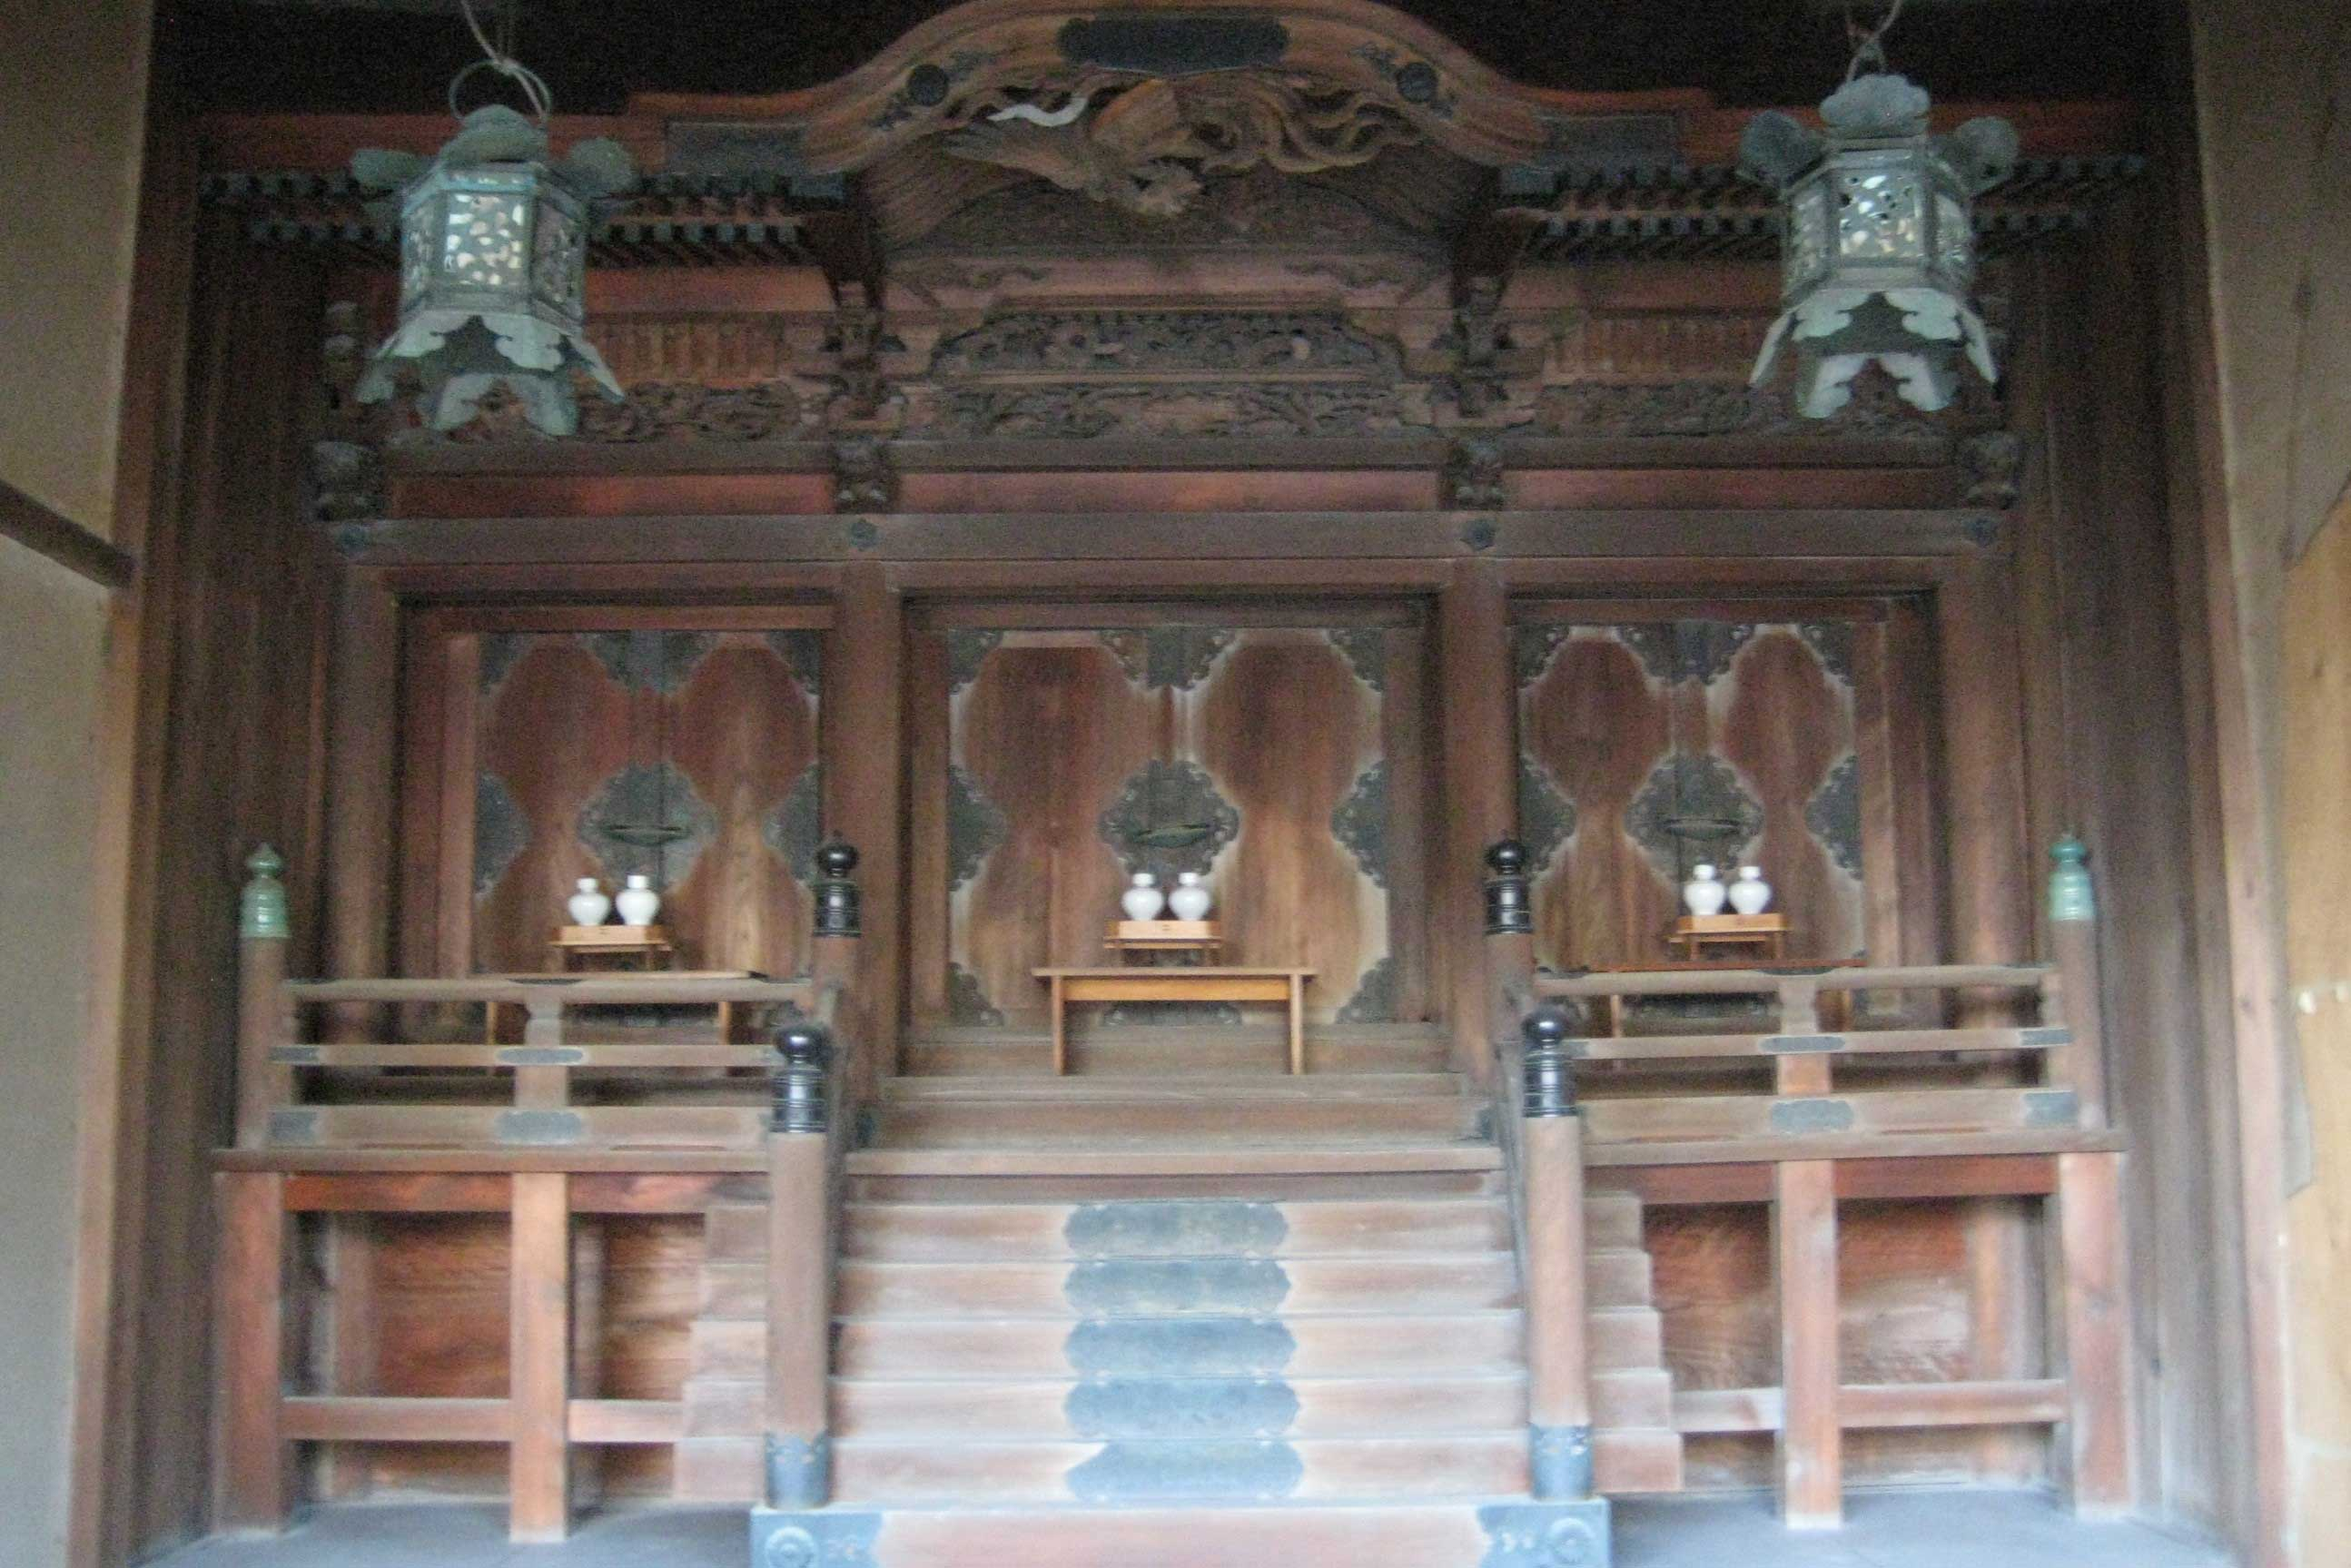 <p>一之社本殿 神殿正面</p>神殿正面設帯擬宝珠高欄的木階和縁,圓柱出組,双檐密椽。屋頂是帯唐破風的檜皮頂。